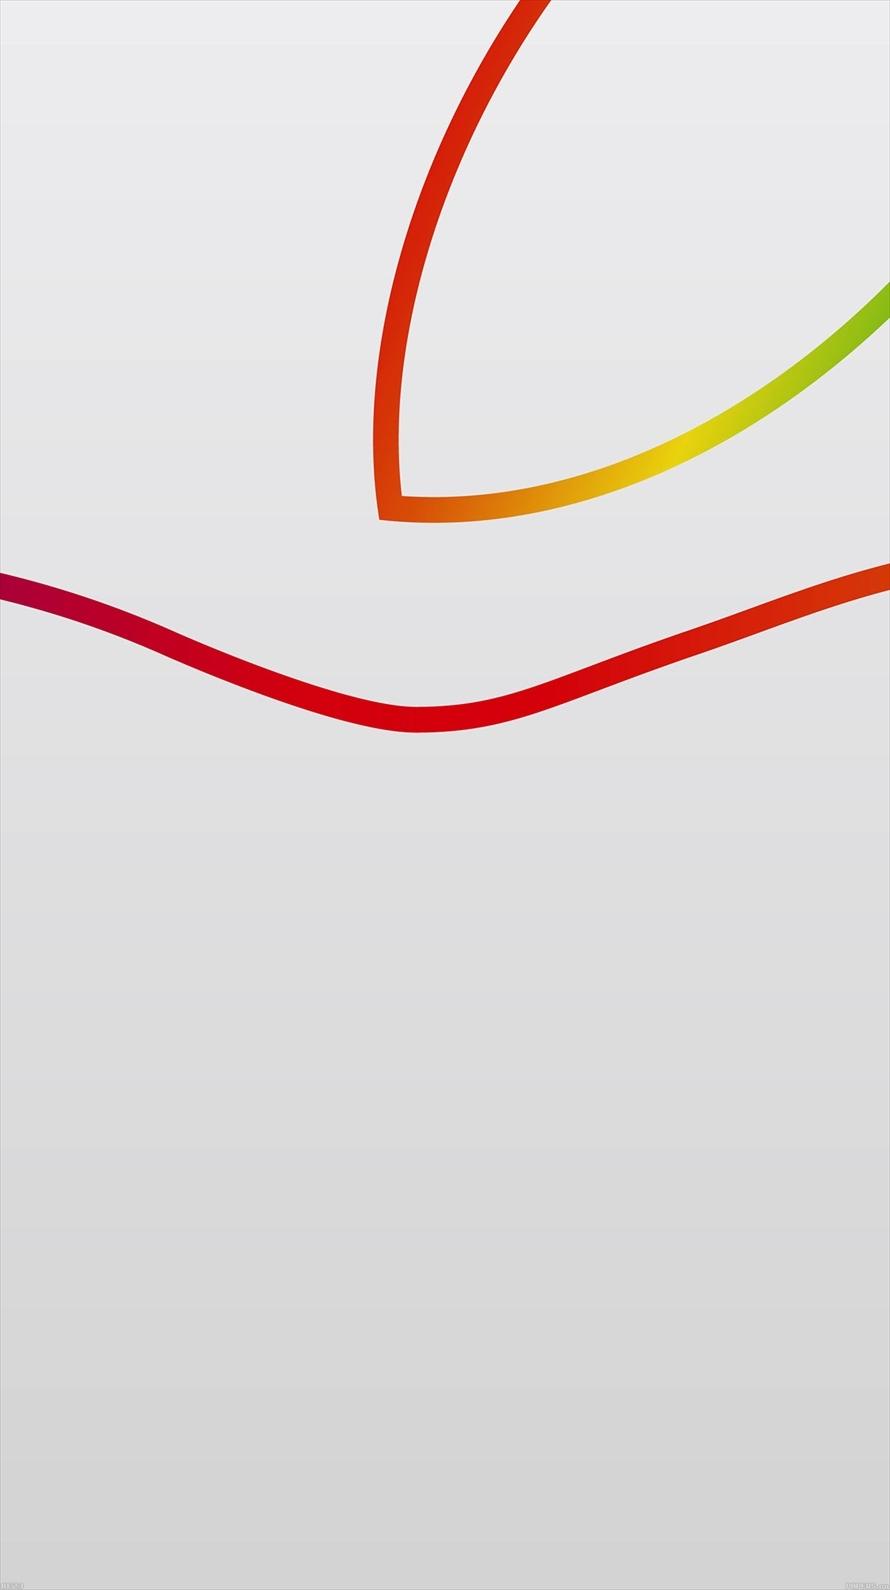 白 大きなアップルロゴ Iphone6壁紙 Wallpaperbox